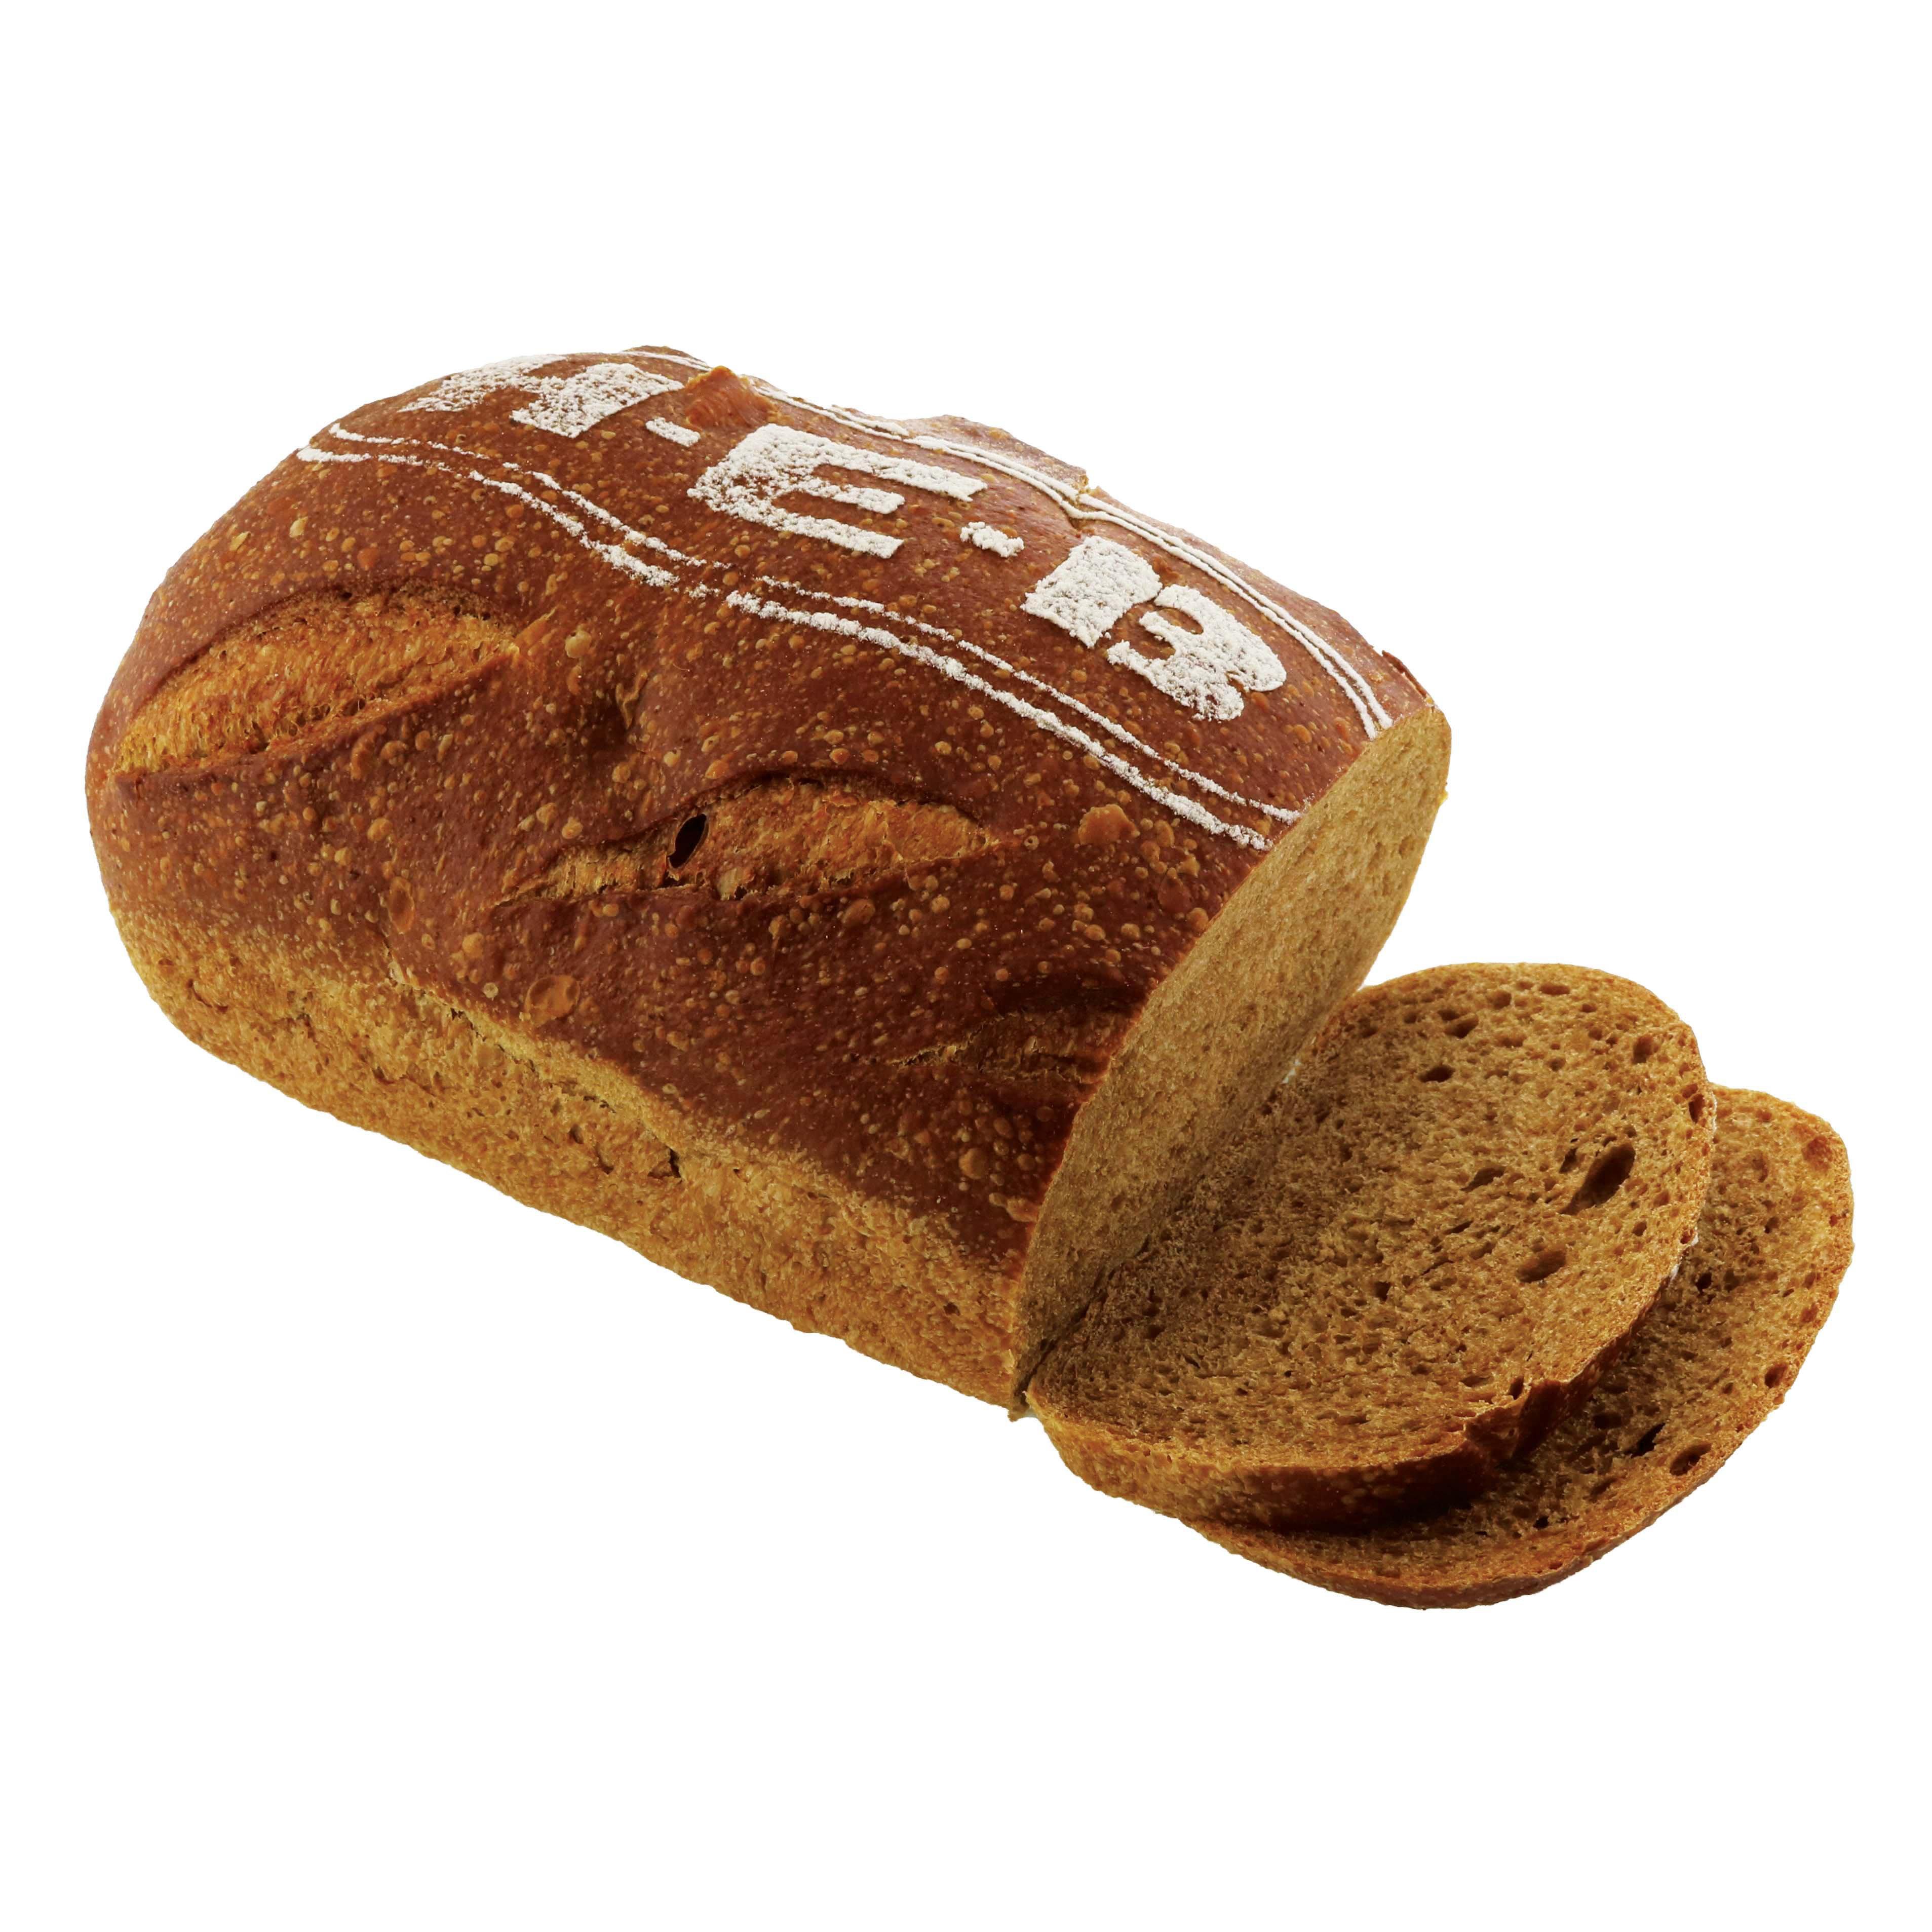 H-E-B Bakery Bauern Brot German Rye